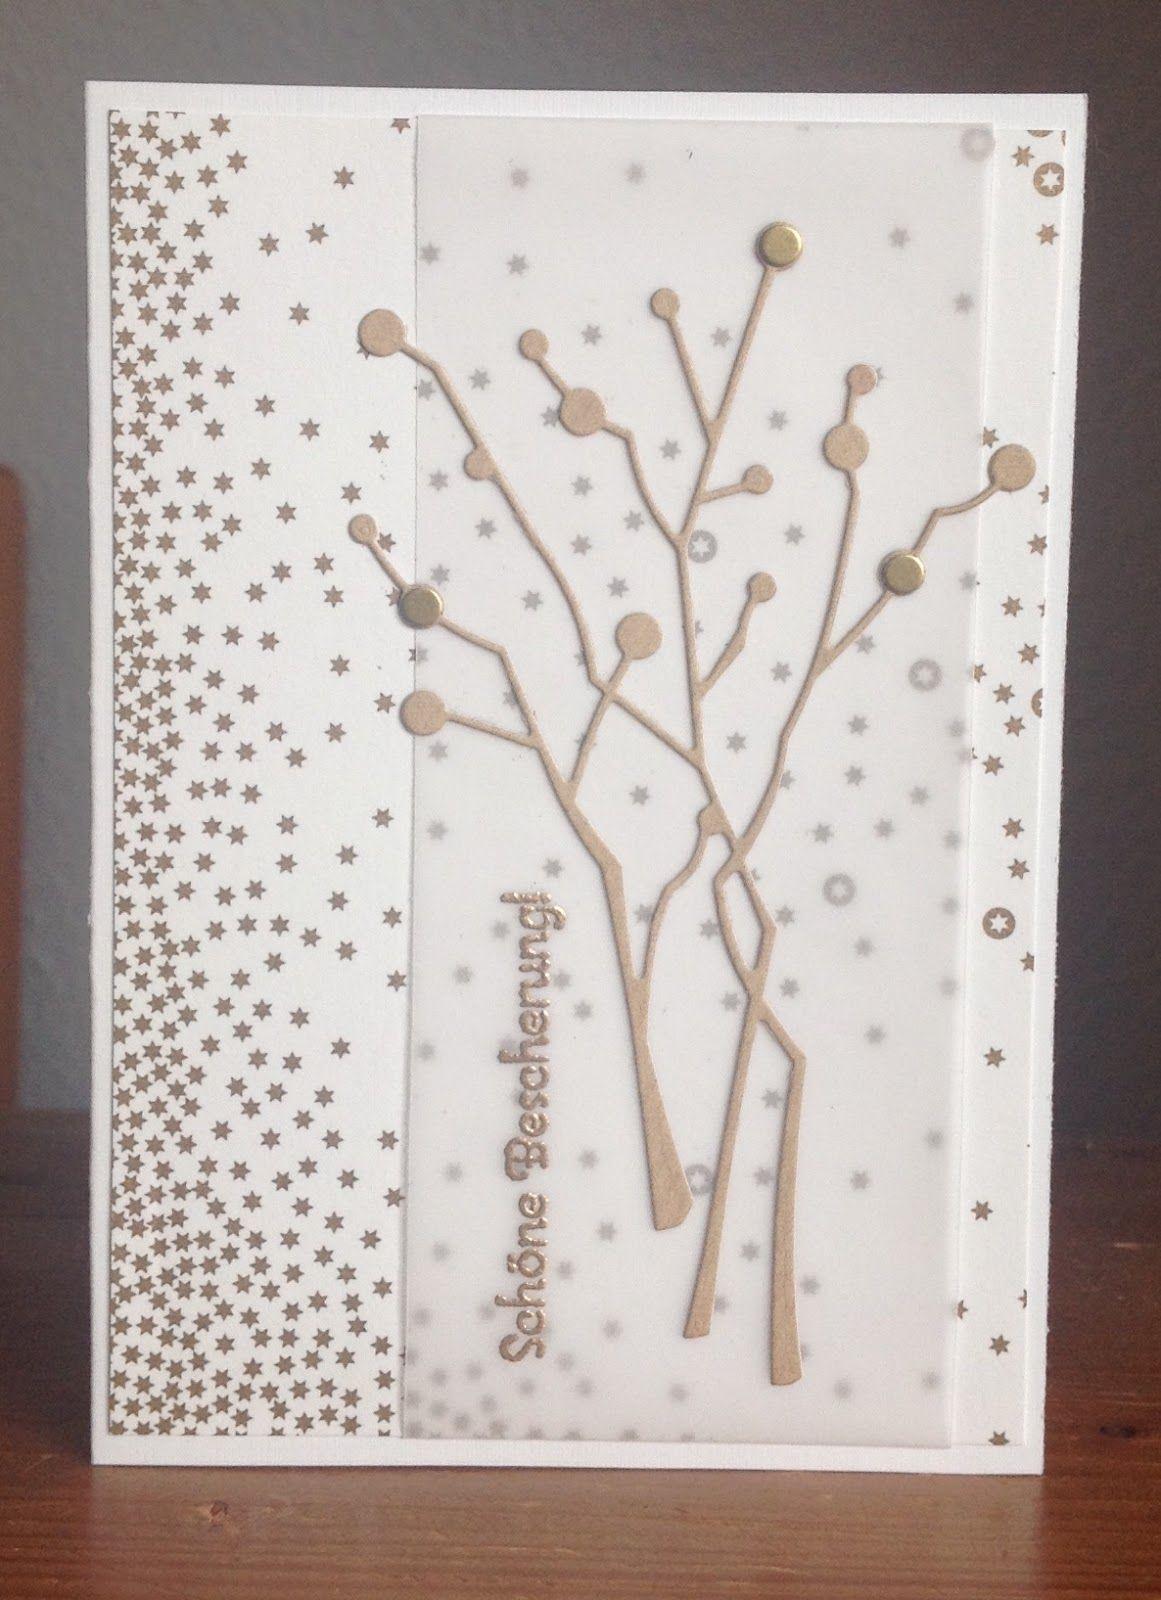 Weihnachtskarte papier alexandra renke schriftstempel su meine weihnachtskarten pinterest - Pinterest weihnachtskarten ...